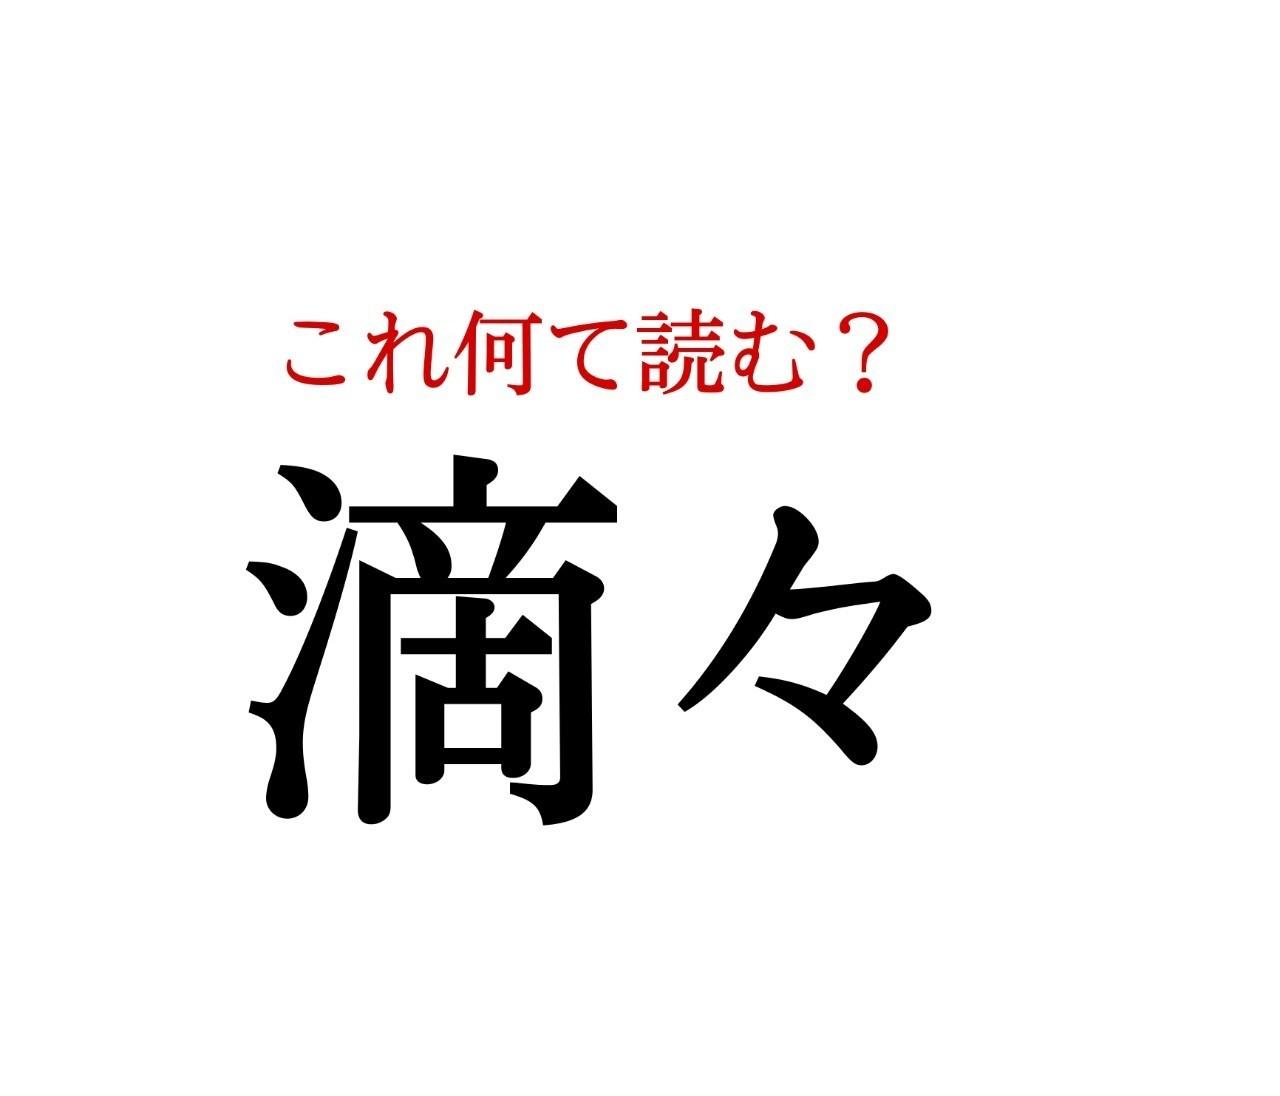 「滴々」:この漢字、自信を持って読めますか?【働く大人の漢字クイズvol.285】